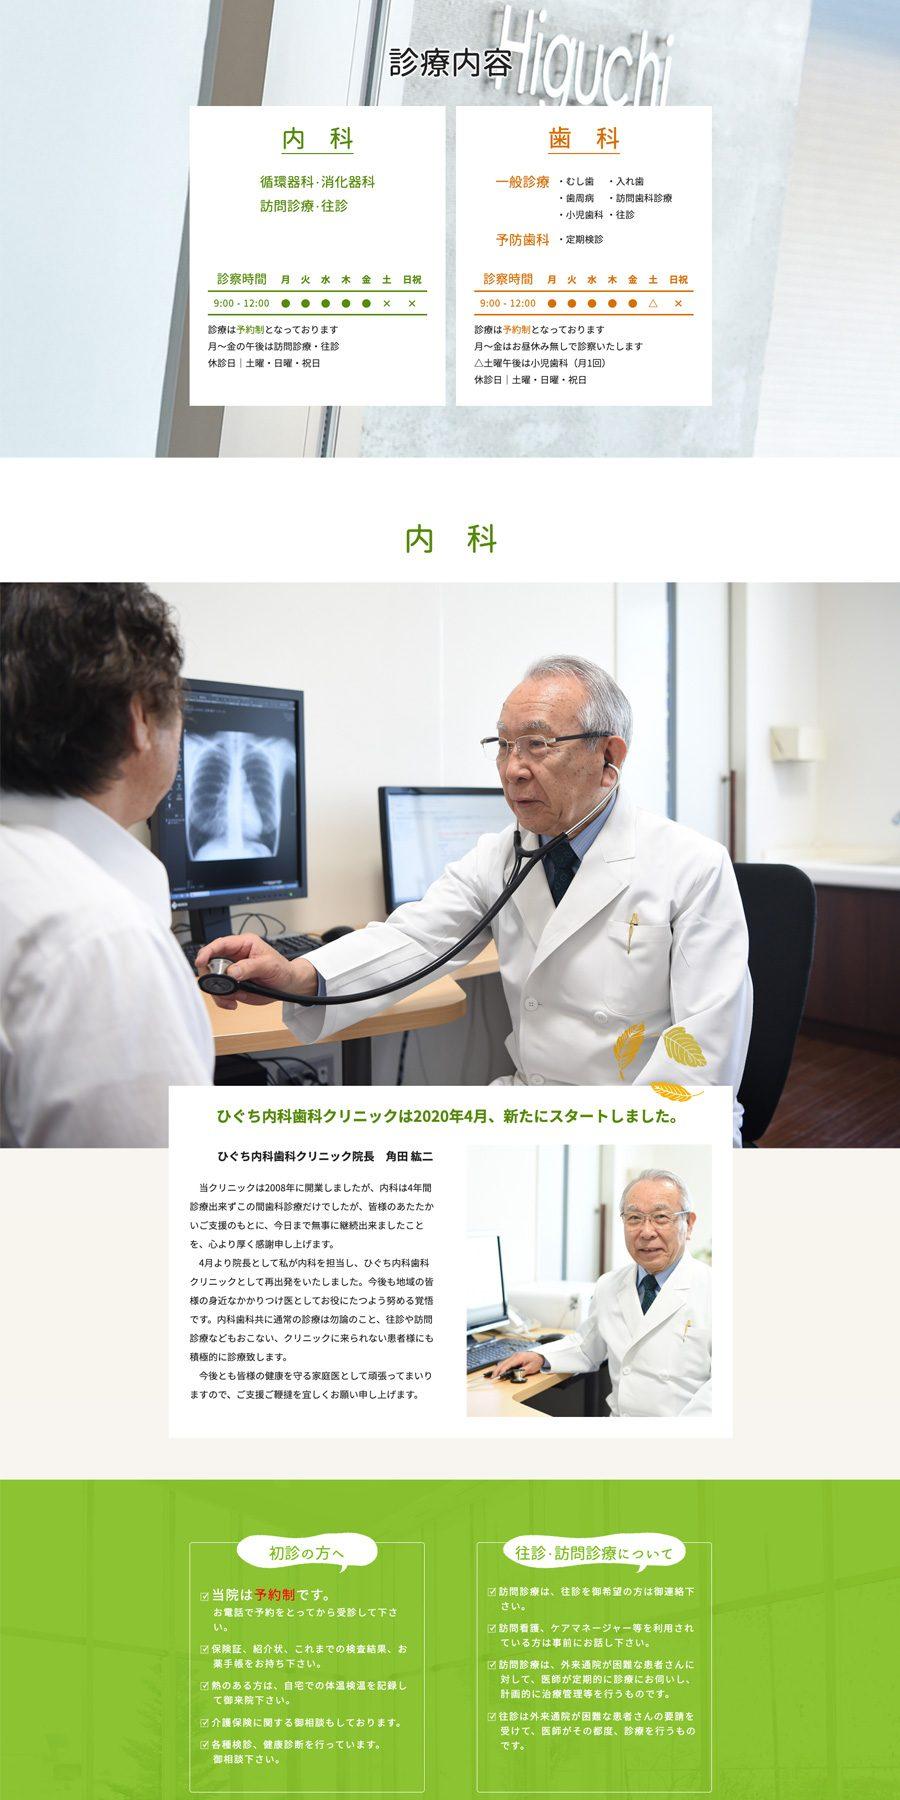 ひぐち内科歯科クリニック